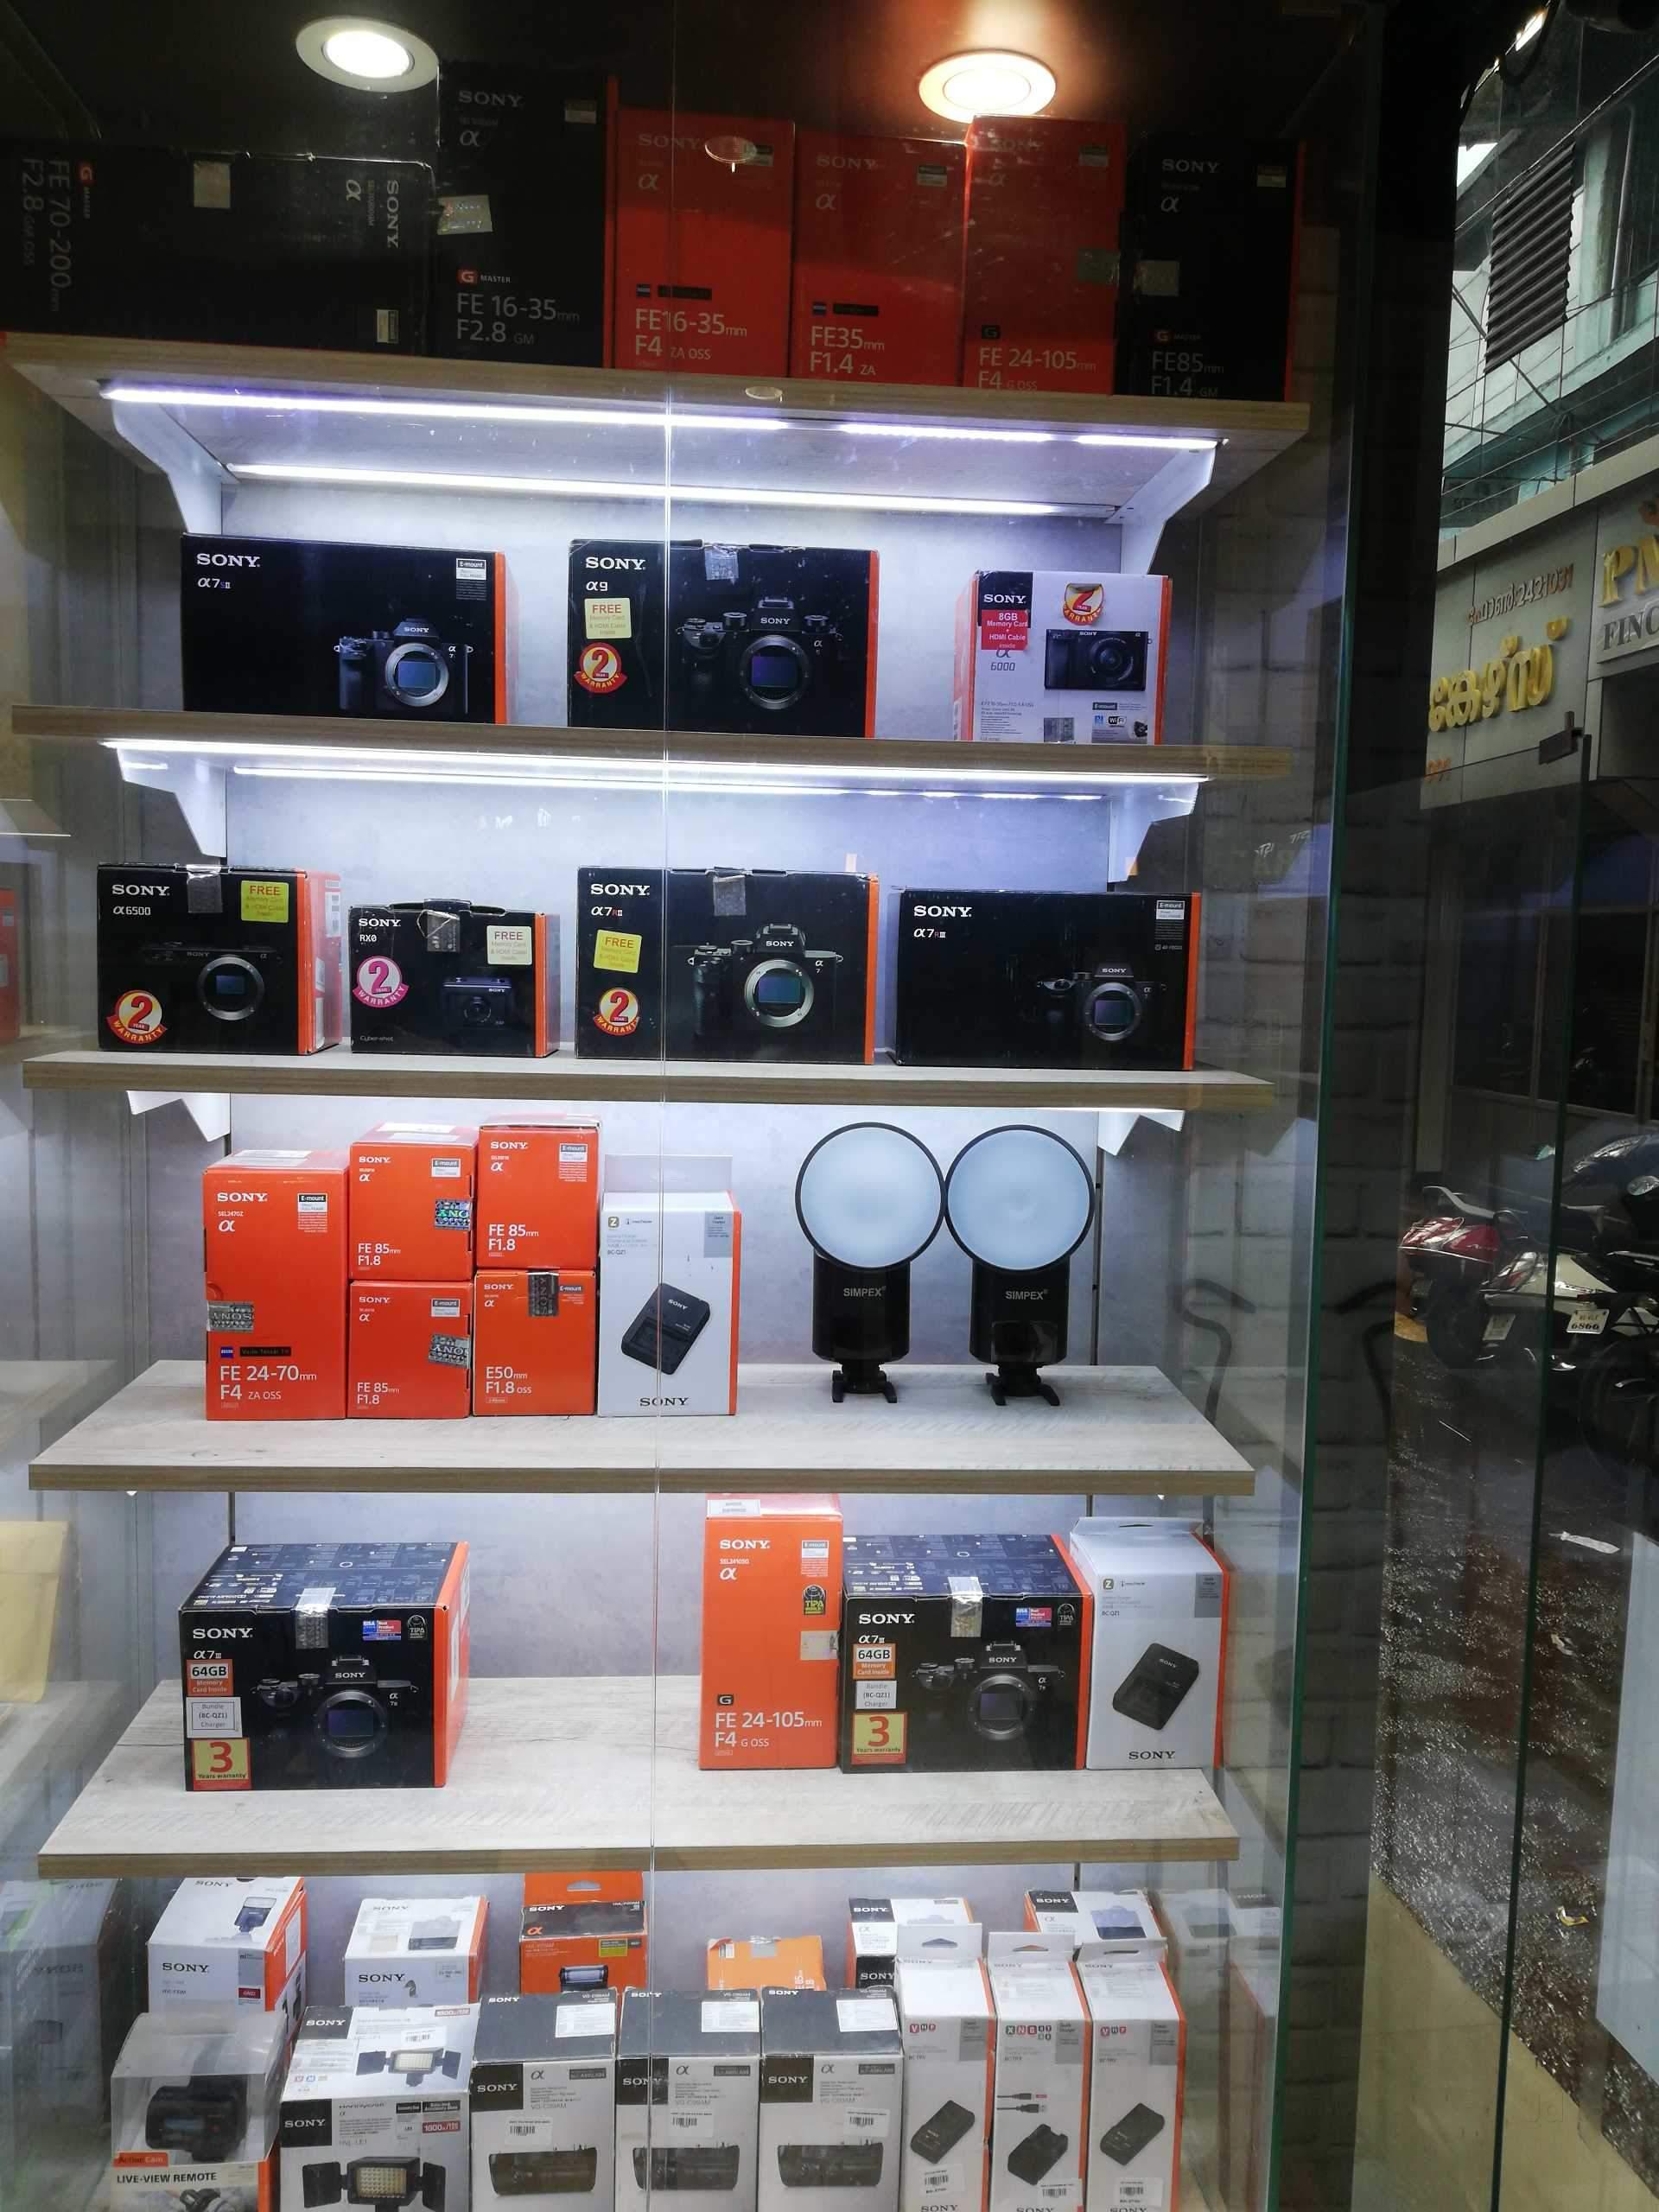 DCRPC120BT DCRTRV250//350//950 Sony VFR37K Neutral Density Filter Kit for MVCFD100//200 CCDTRV118//318